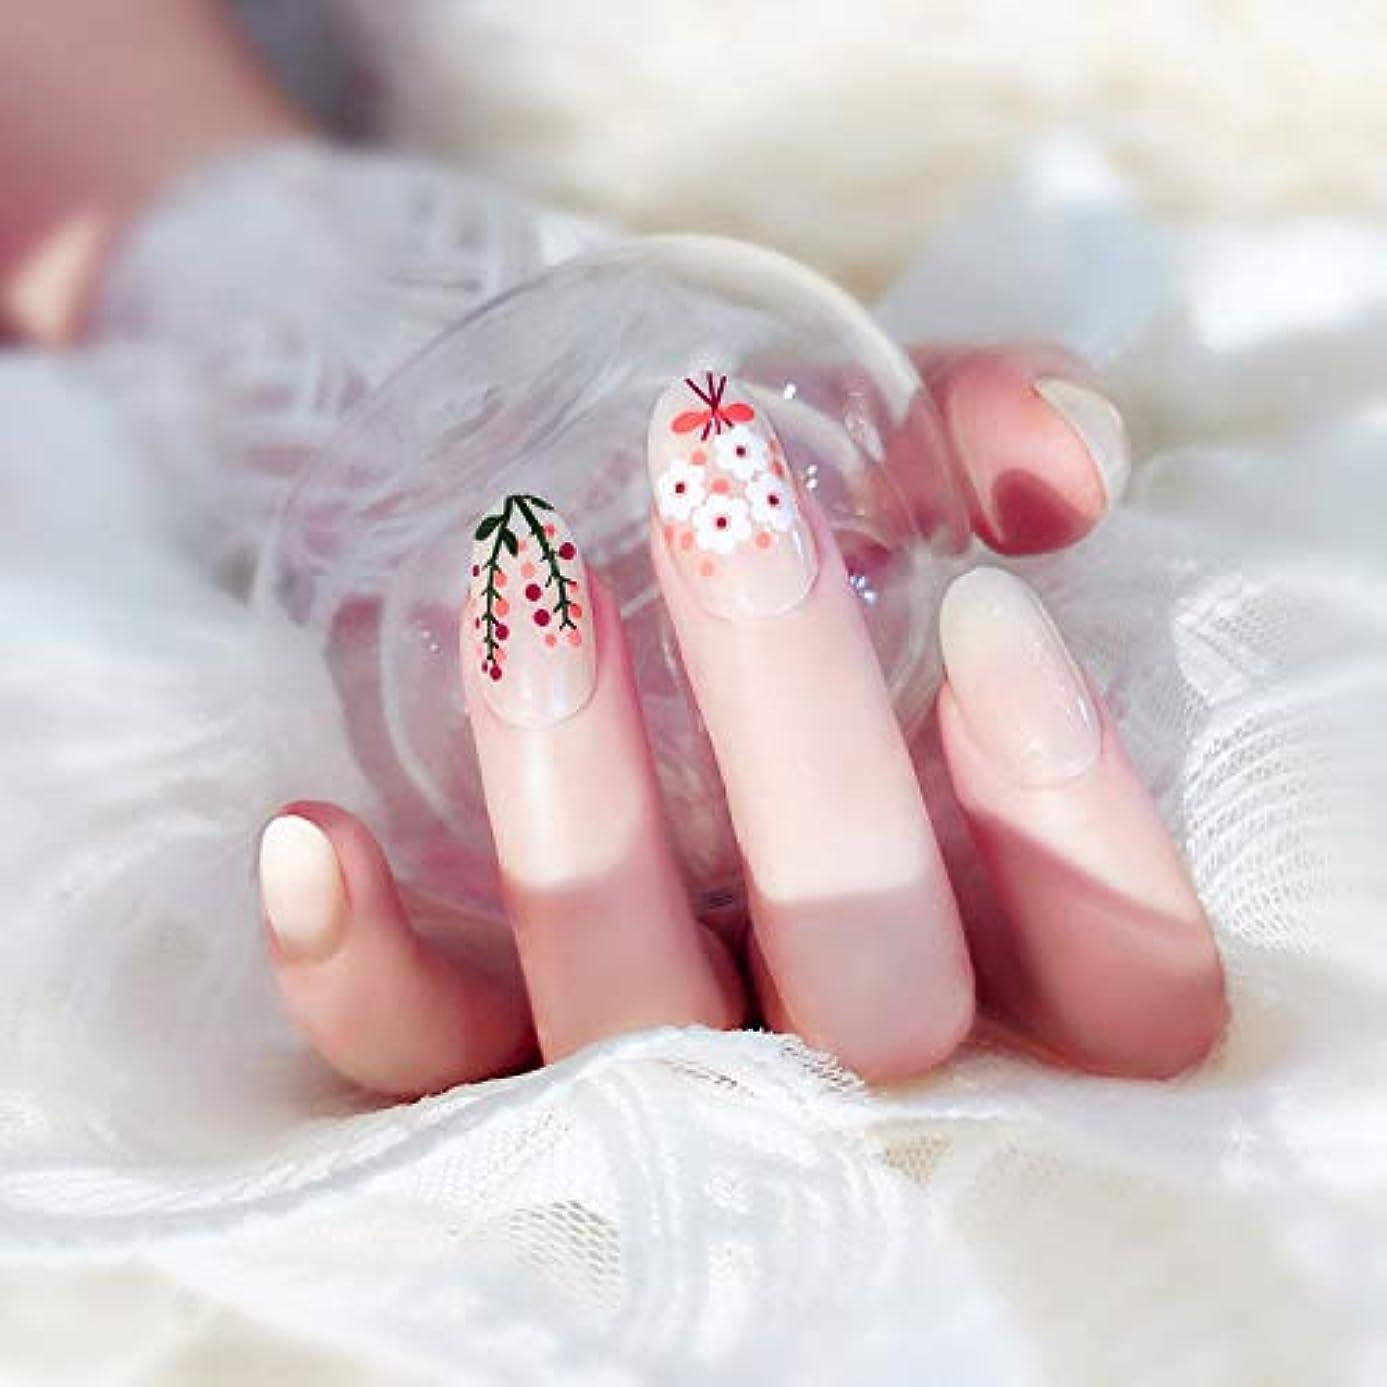 レンドアーク遊びます24枚入 可愛い優雅ネイル 手作りネイルチップ 和装 ネイル 結婚式、パーティー、二次会など 予め接着した爪 中等長ネイルチップ (Z22)